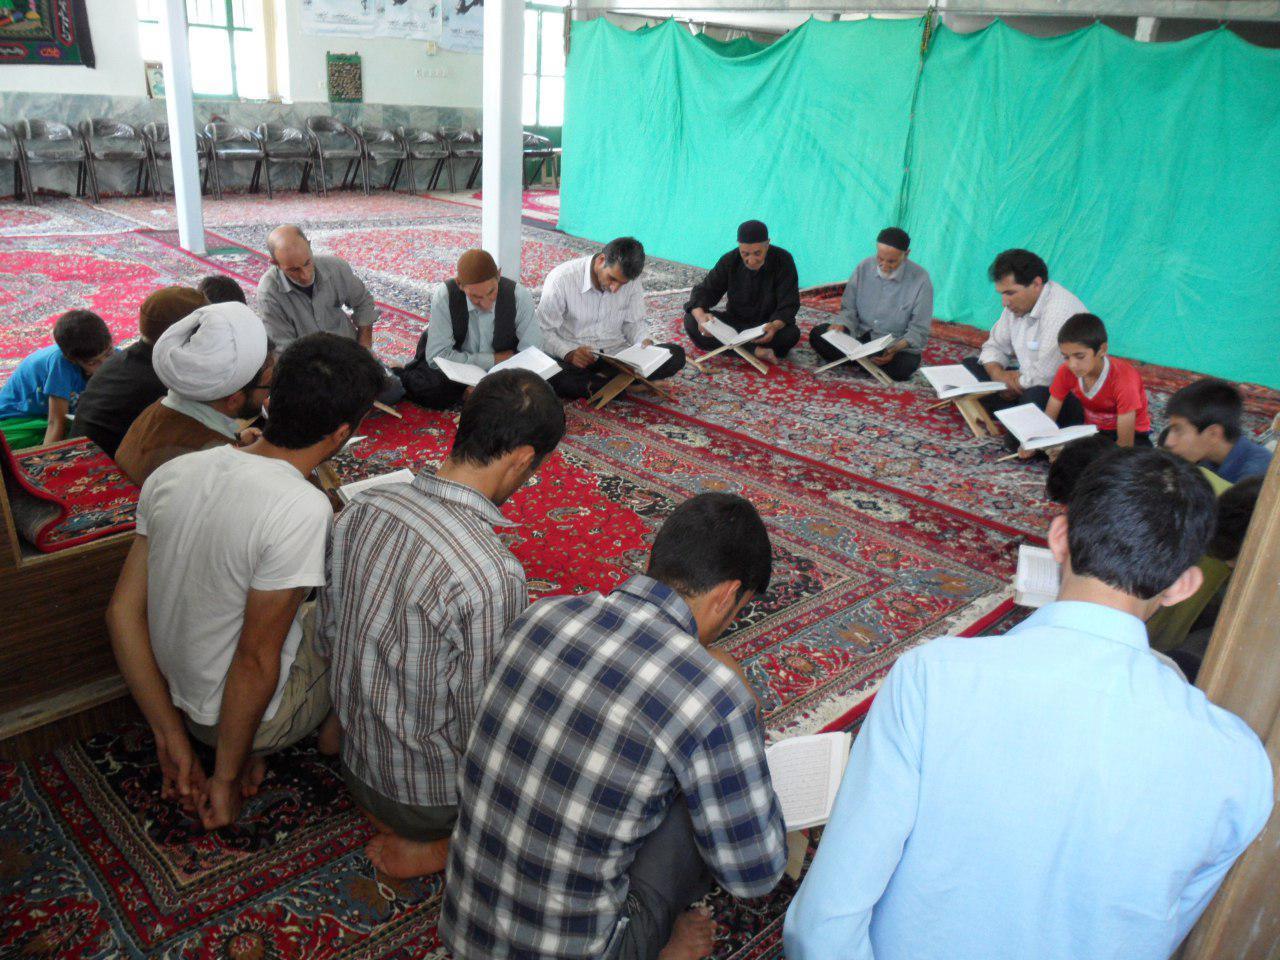 تدارک ویژه مردم روستا تکه برای ماه رمضان